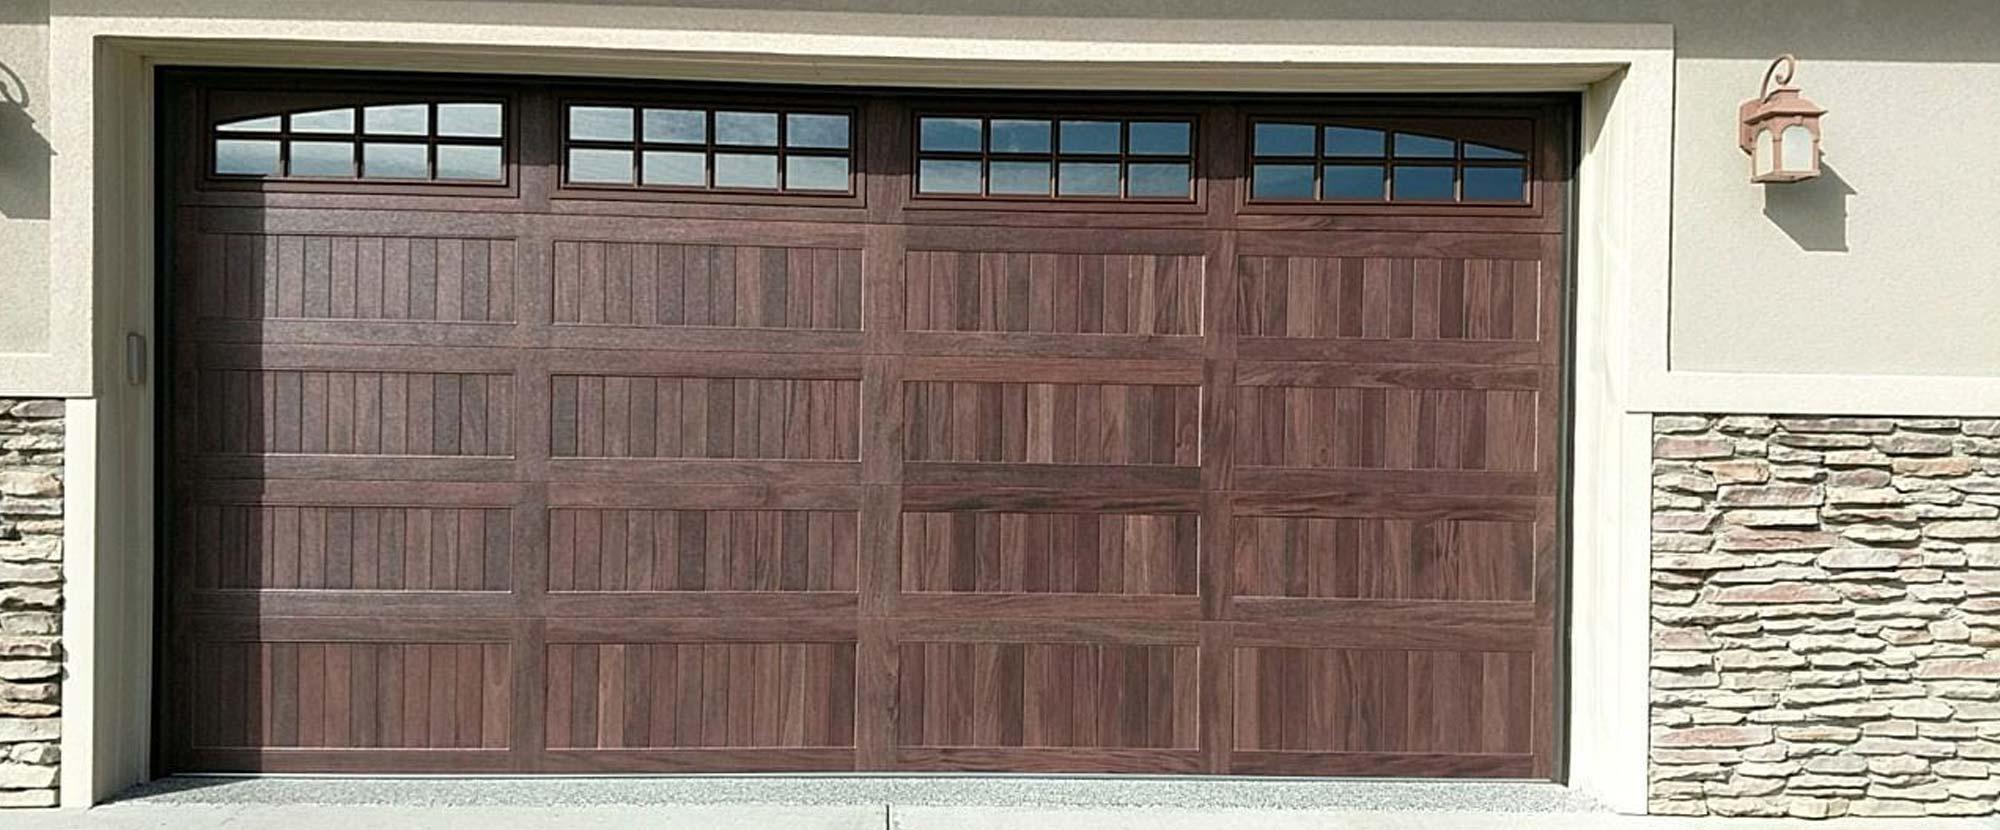 Garage Door Installation, Repair: Casper, Mills, Sheridan, WY | The Doorman  LLC